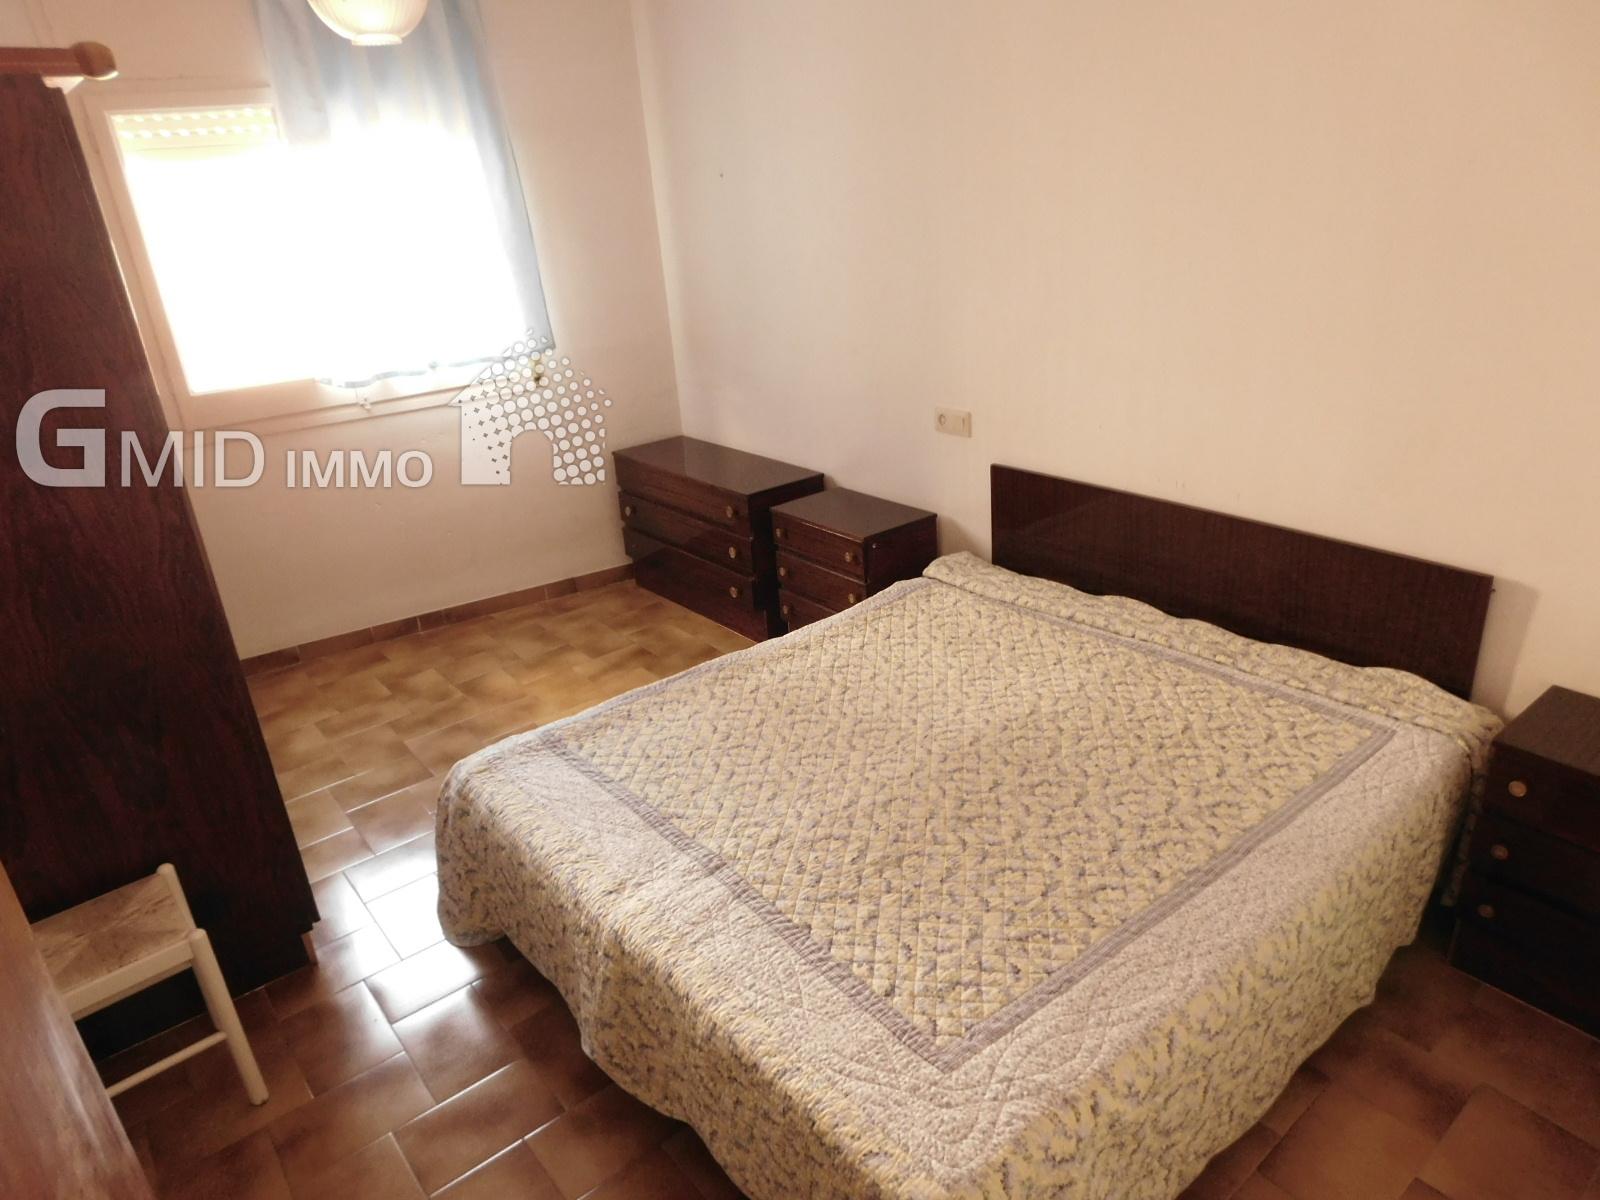 Appartamento con 3 camere da letto e ampio terrazzo da ...